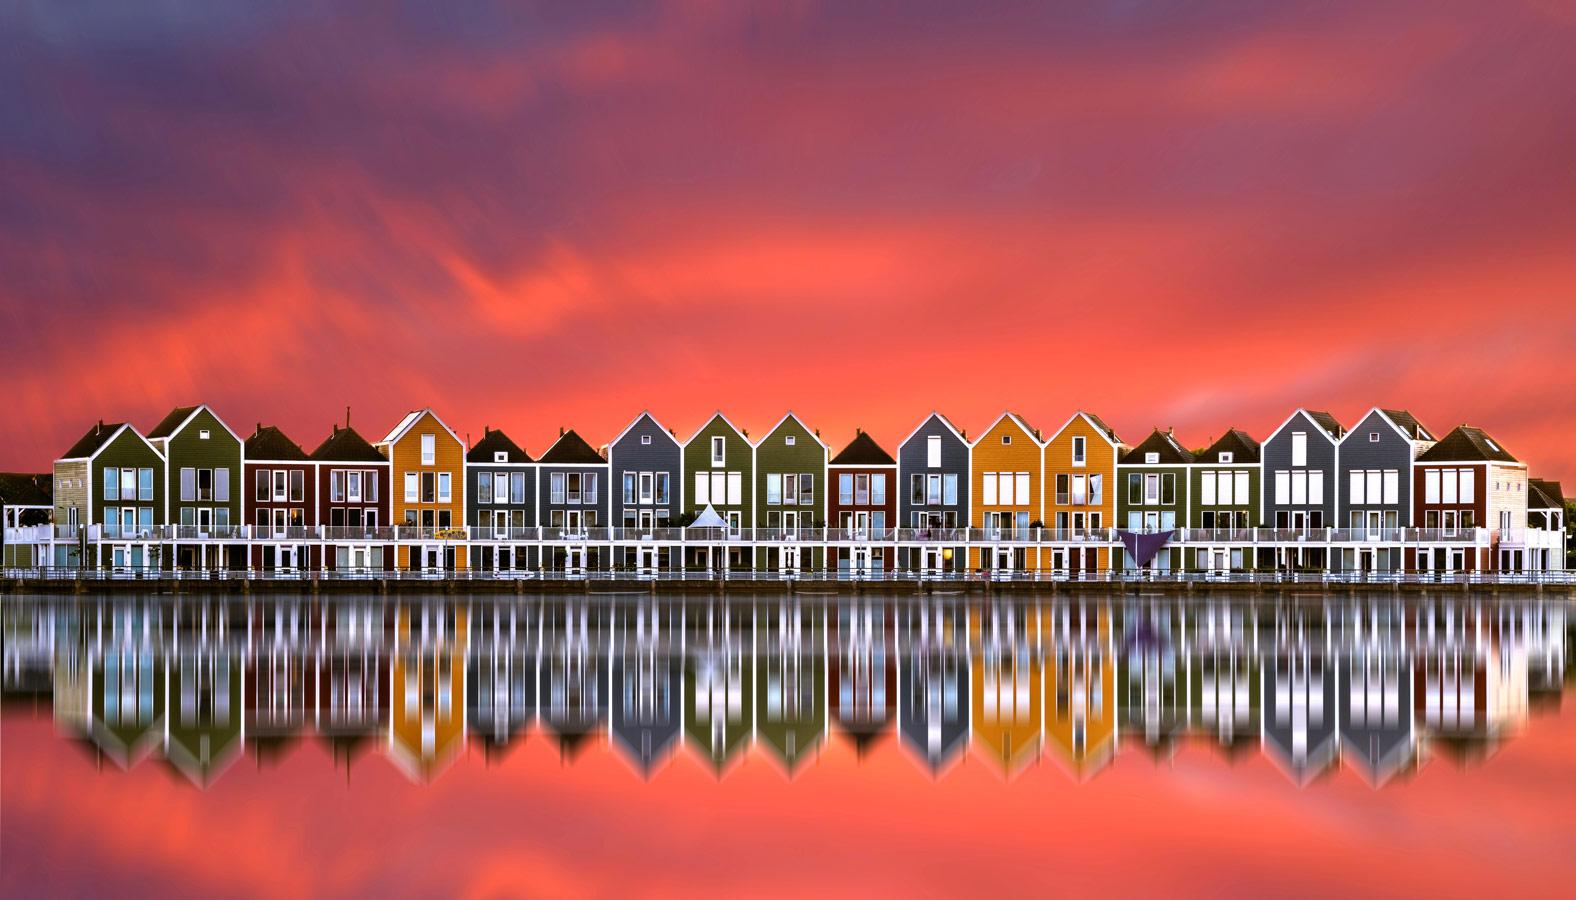 Радужные дома в Хаутене, © Кай Дидерихс, Архитектура и инфраструктура, Фотоконкурс CEWE